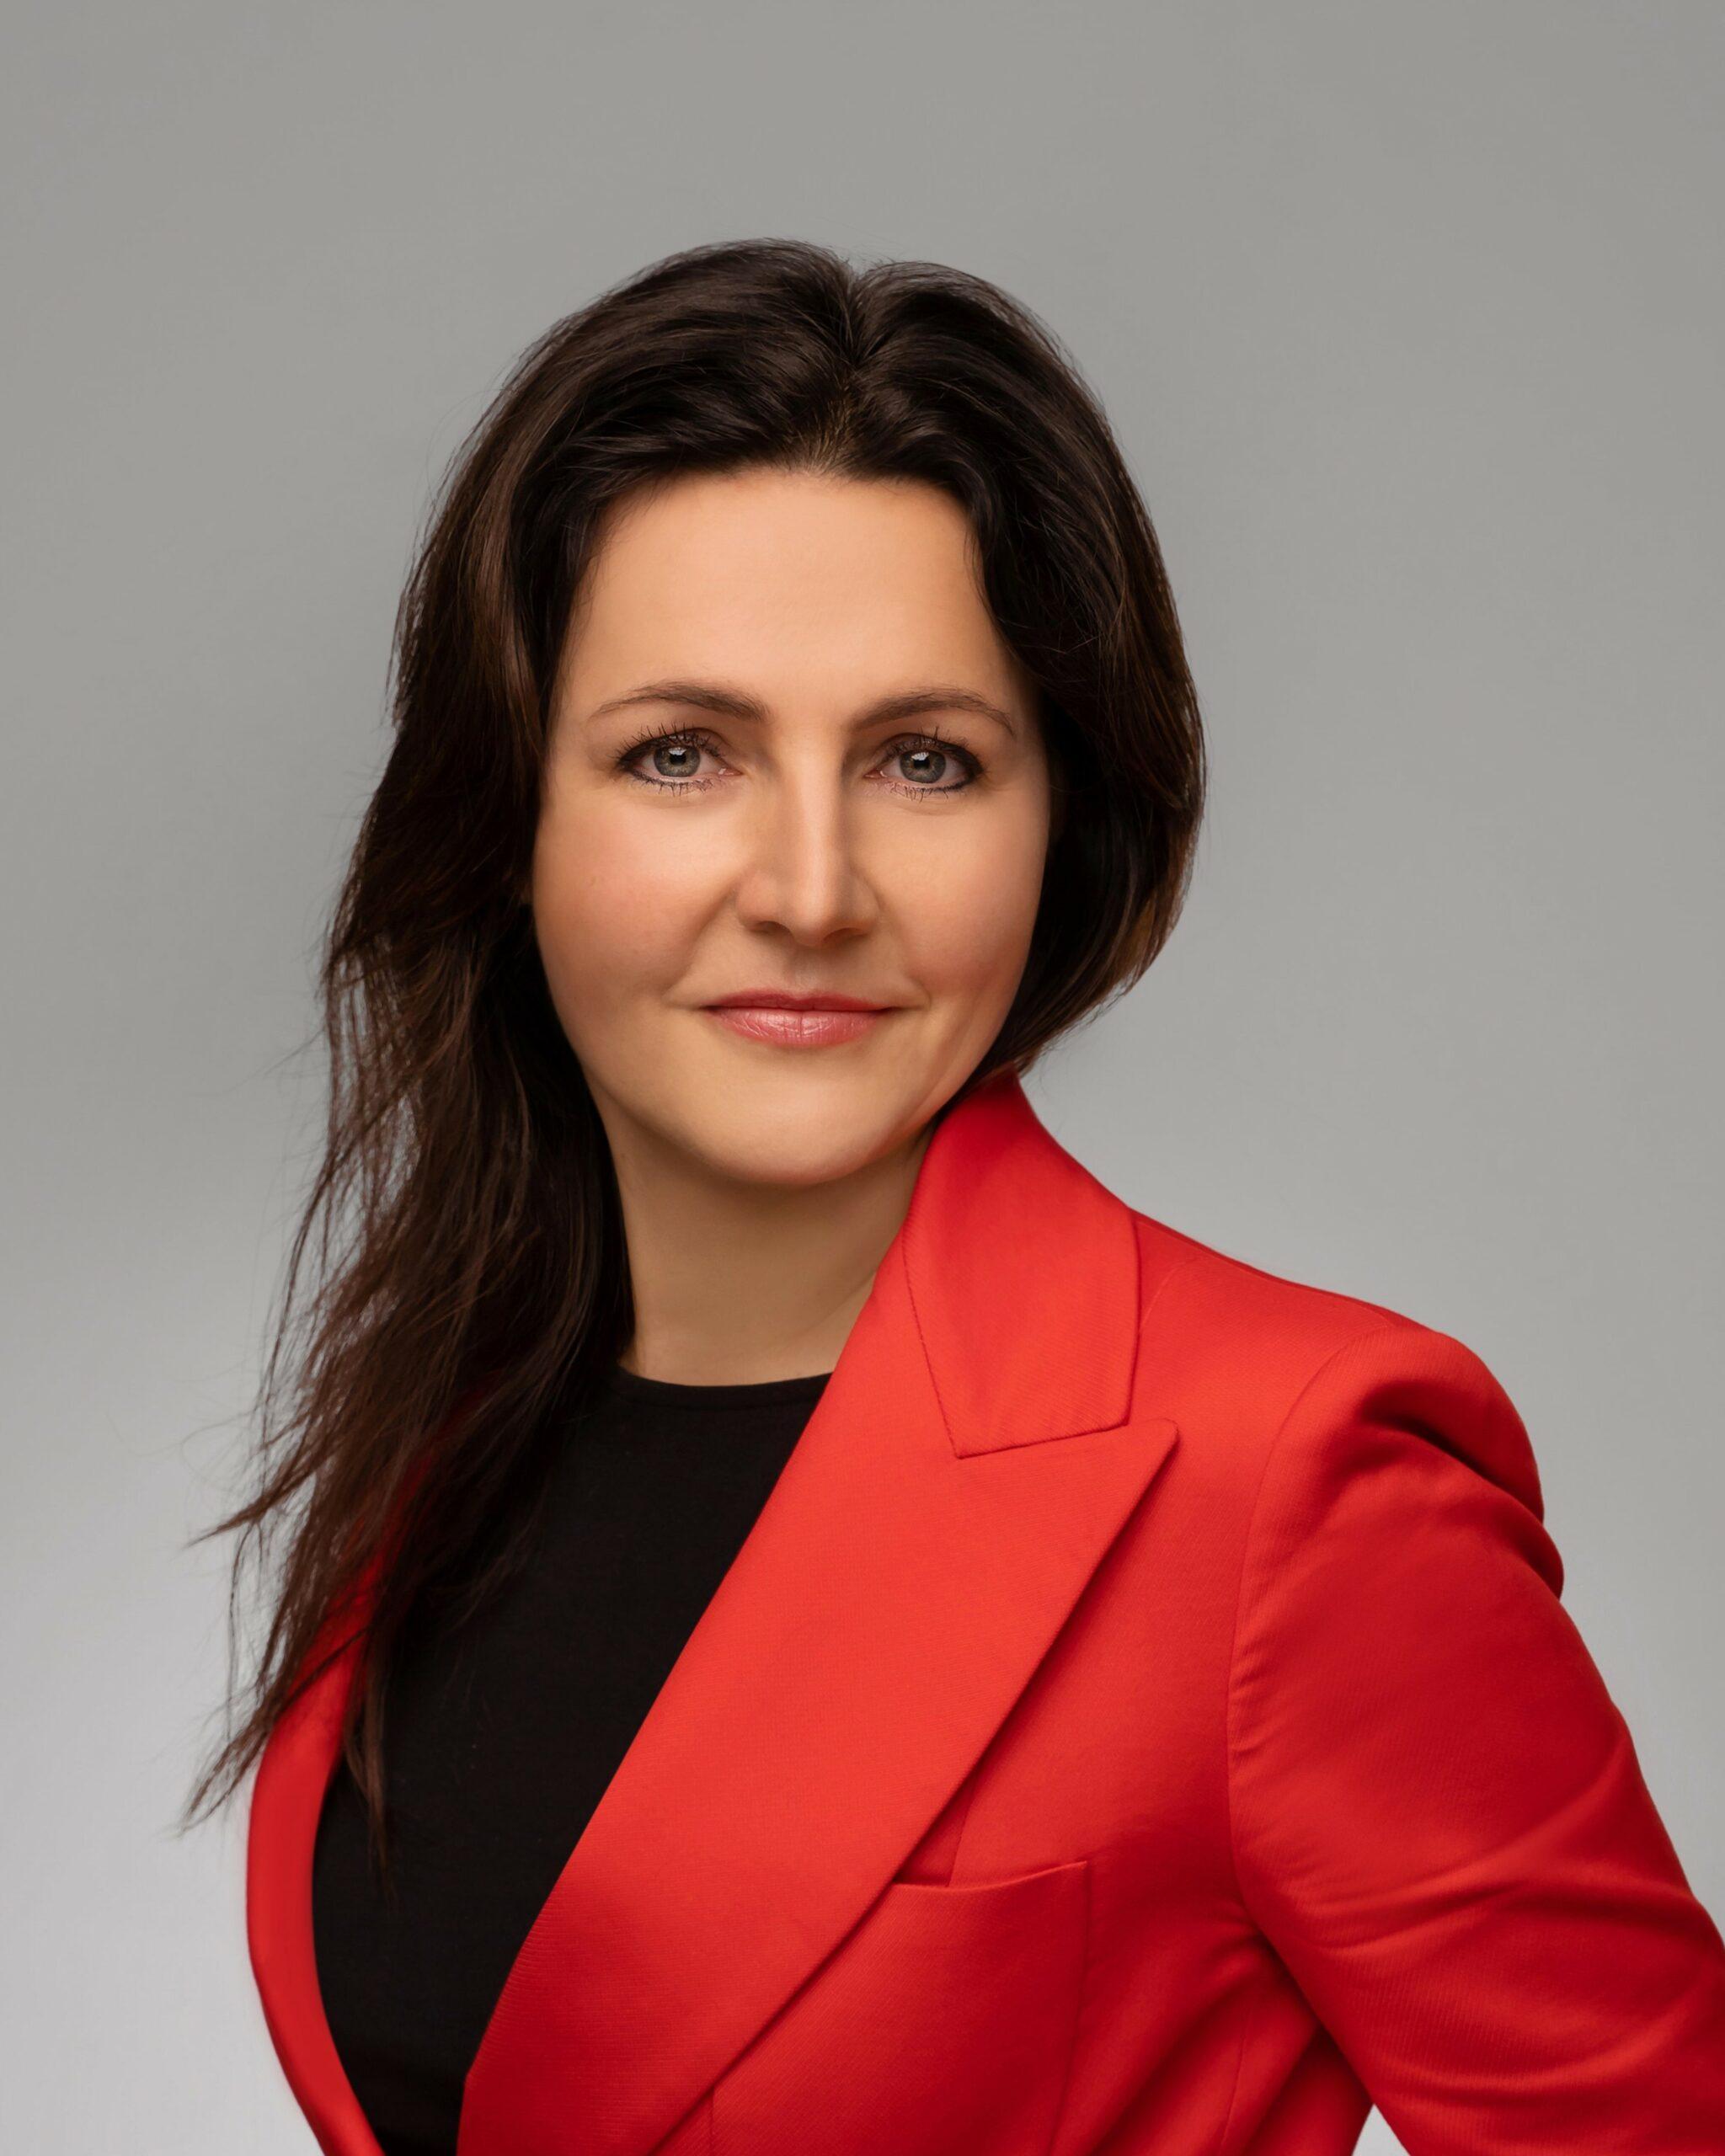 Małgorzata Gorzałczyńska-Koczkodaj